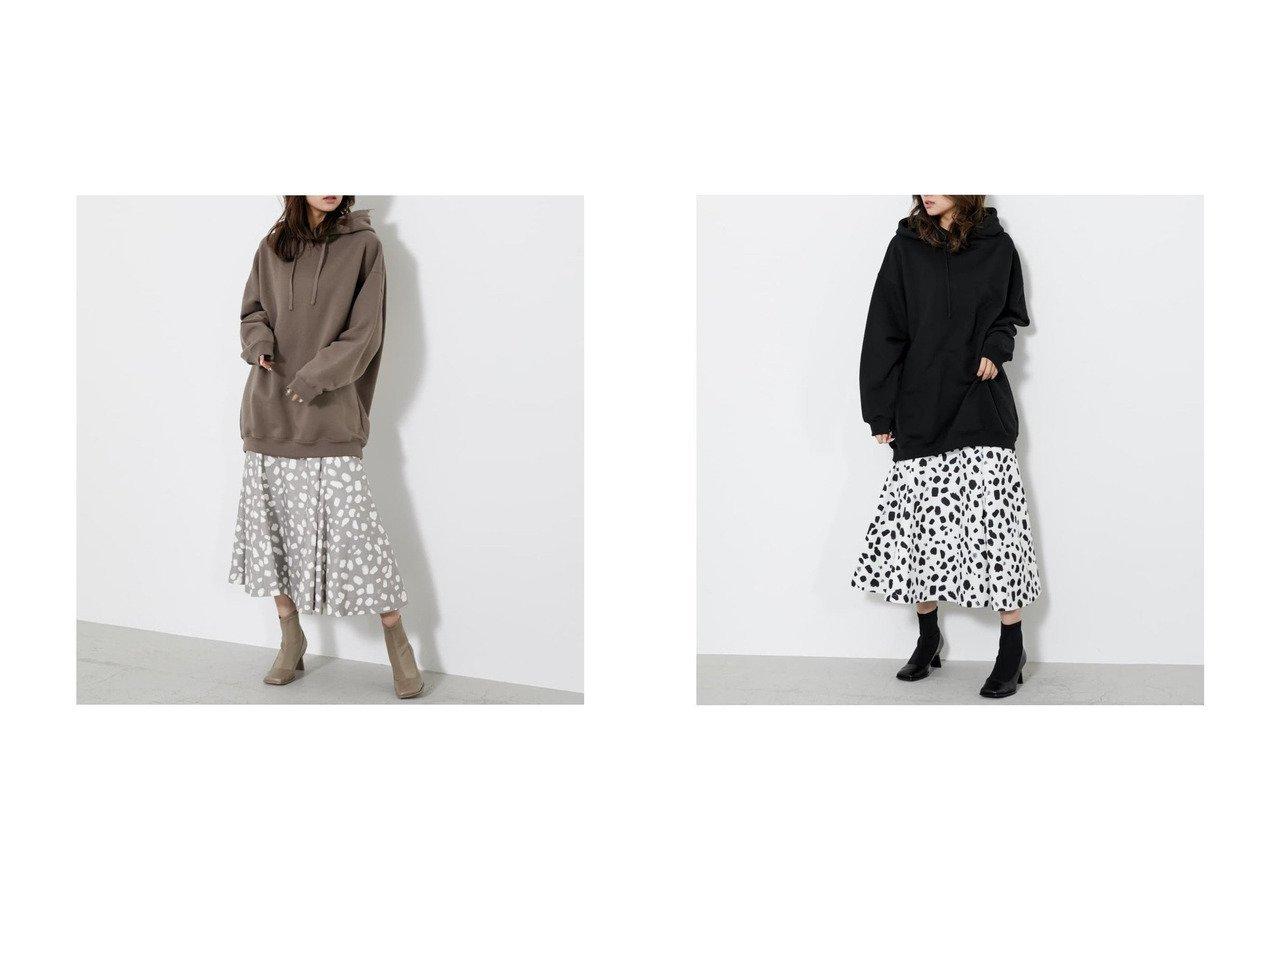 【rienda/リエンダ】のフロントタックセミフレアW SK スカートのおすすめ!人気、トレンド・レディースファッションの通販 おすすめで人気の流行・トレンド、ファッションの通販商品 メンズファッション・キッズファッション・インテリア・家具・レディースファッション・服の通販 founy(ファニー) https://founy.com/ ファッション Fashion レディースファッション WOMEN スカート Skirt 2020年 2020 2020-2021 秋冬 A/W AW Autumn/Winter / FW Fall-Winter 2020-2021 A/W 秋冬 AW Autumn/Winter / FW Fall-Winter スエード フレア |ID:crp329100000013680